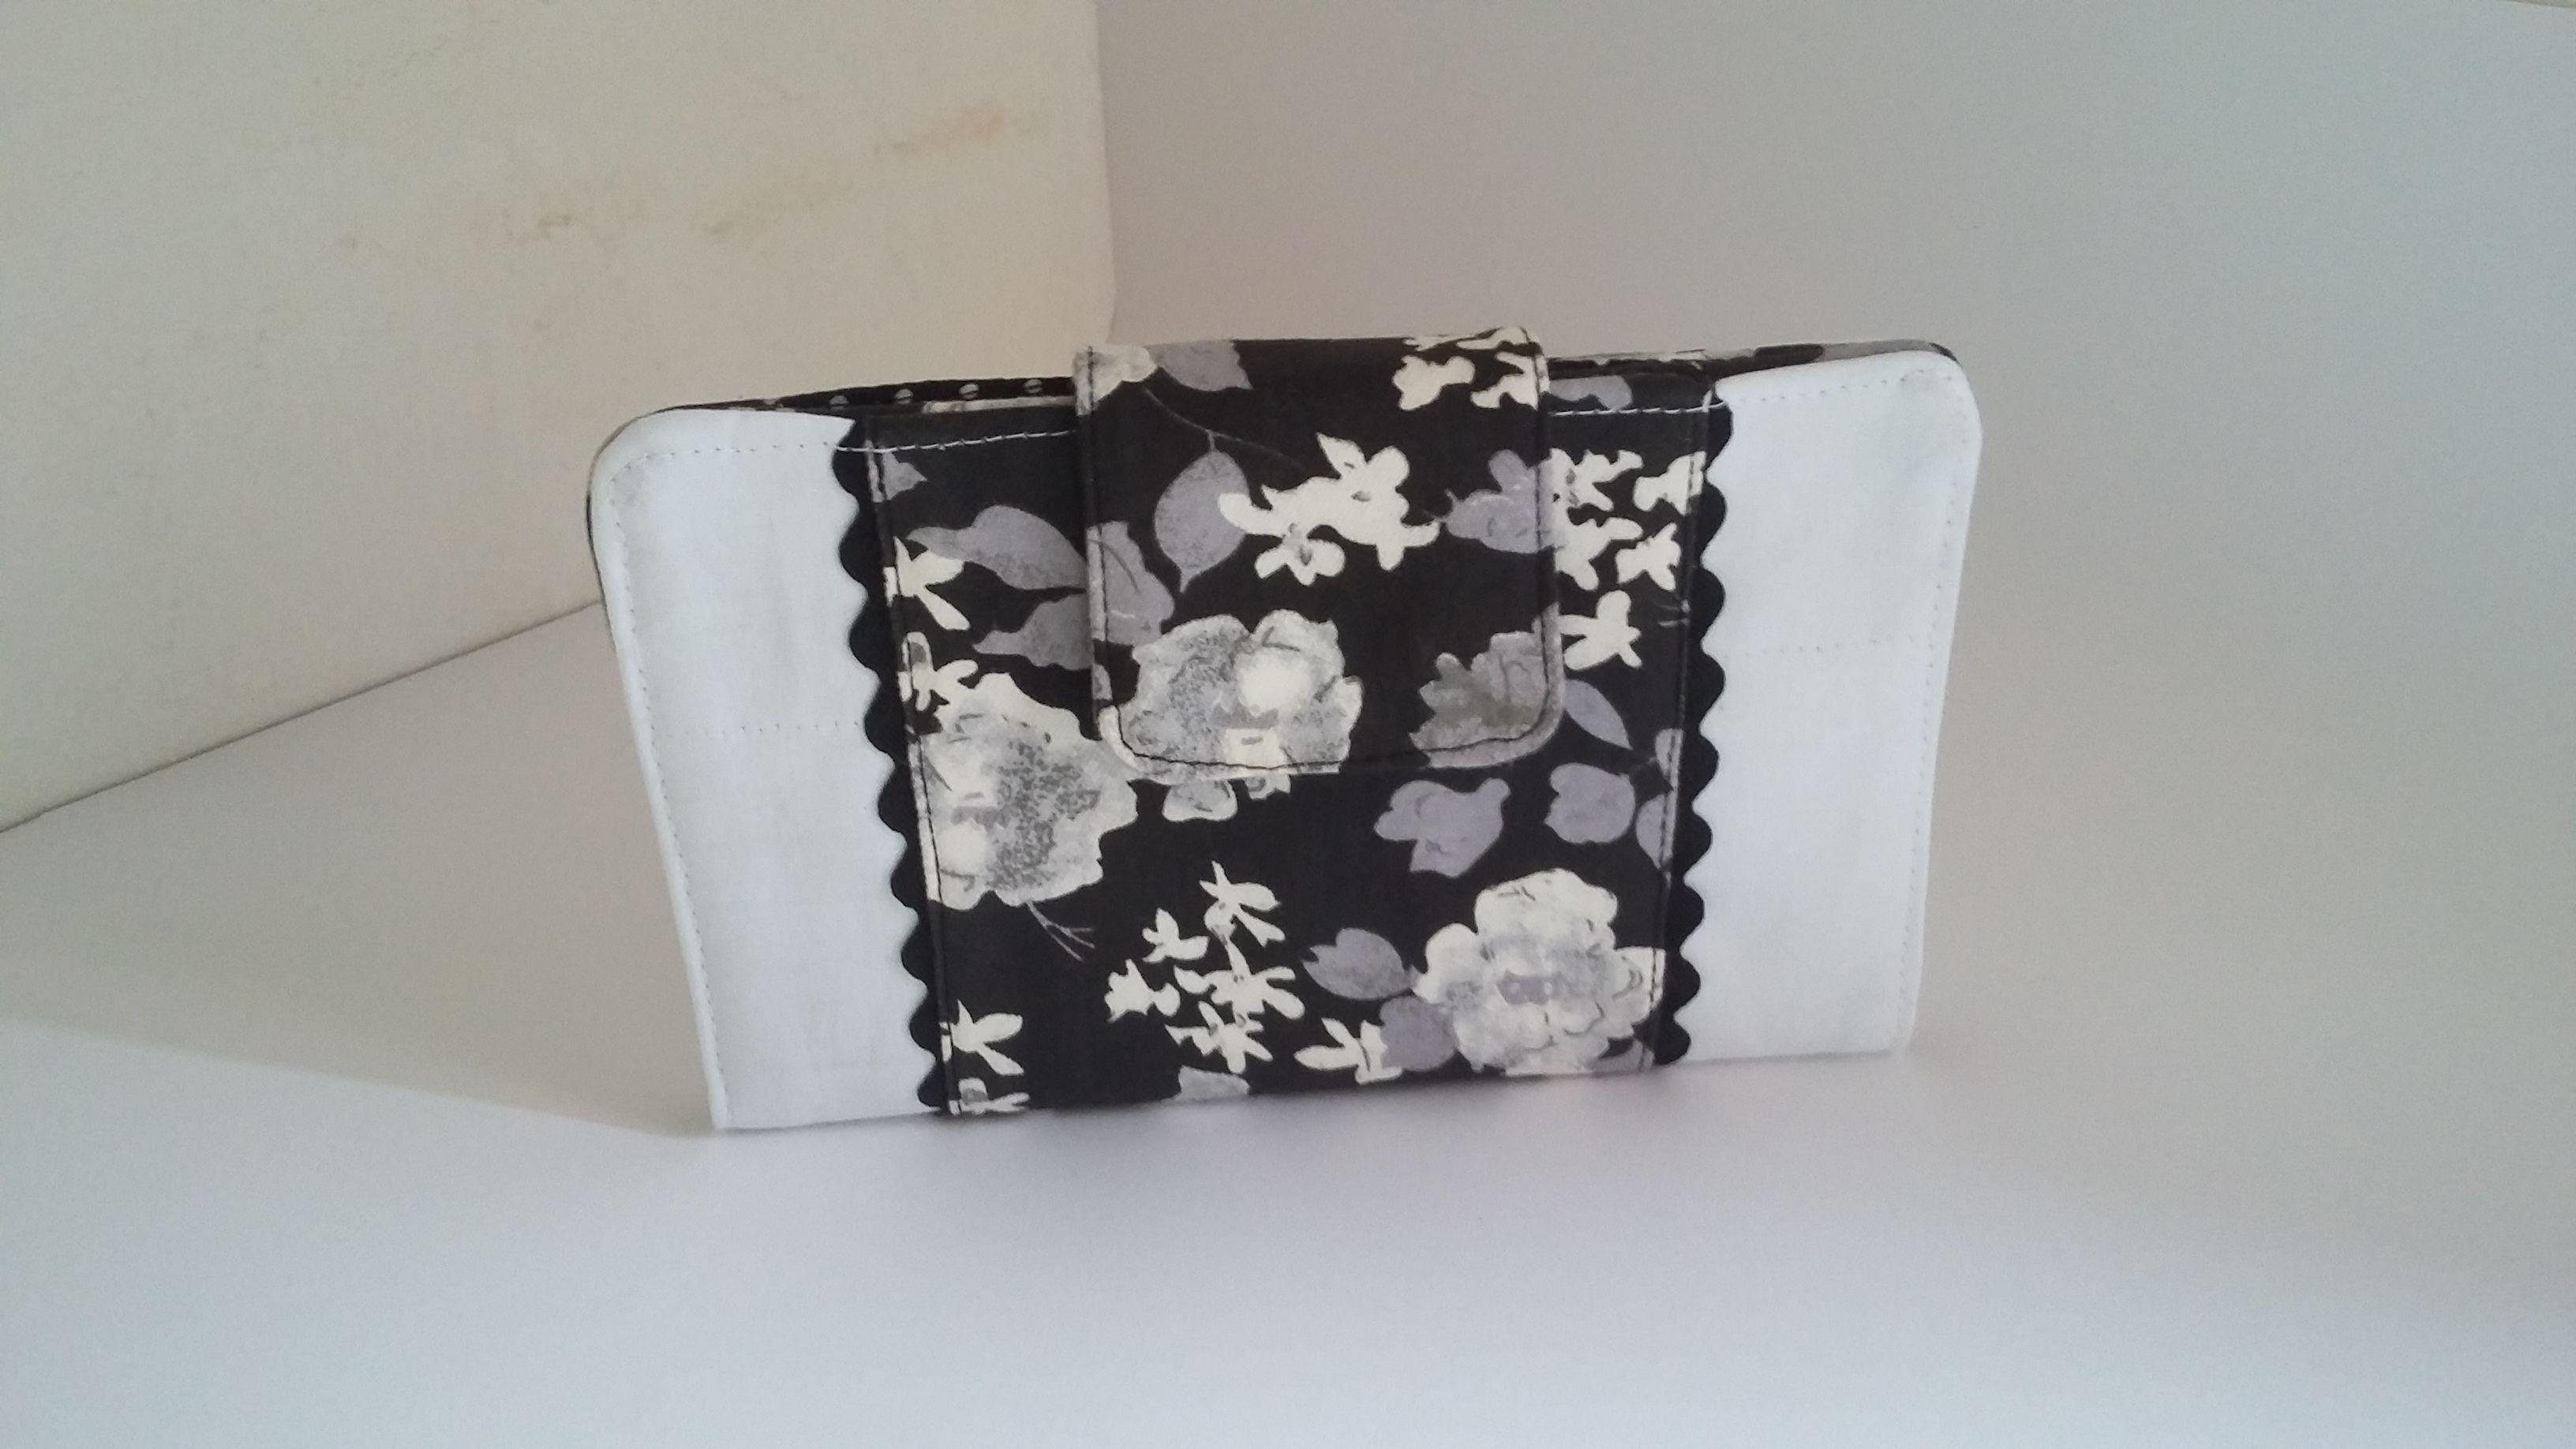 CARTEIRA TOP Produzida em tecido dublado 100% algodão estampado floral e em poá nas cores preto e branco e um leve cinza. Tamanho: 18x22cm Aceito encomendas R$35,24 E.mail: kauemalu@hotmail.com #amamosoquefazemos #bolsas